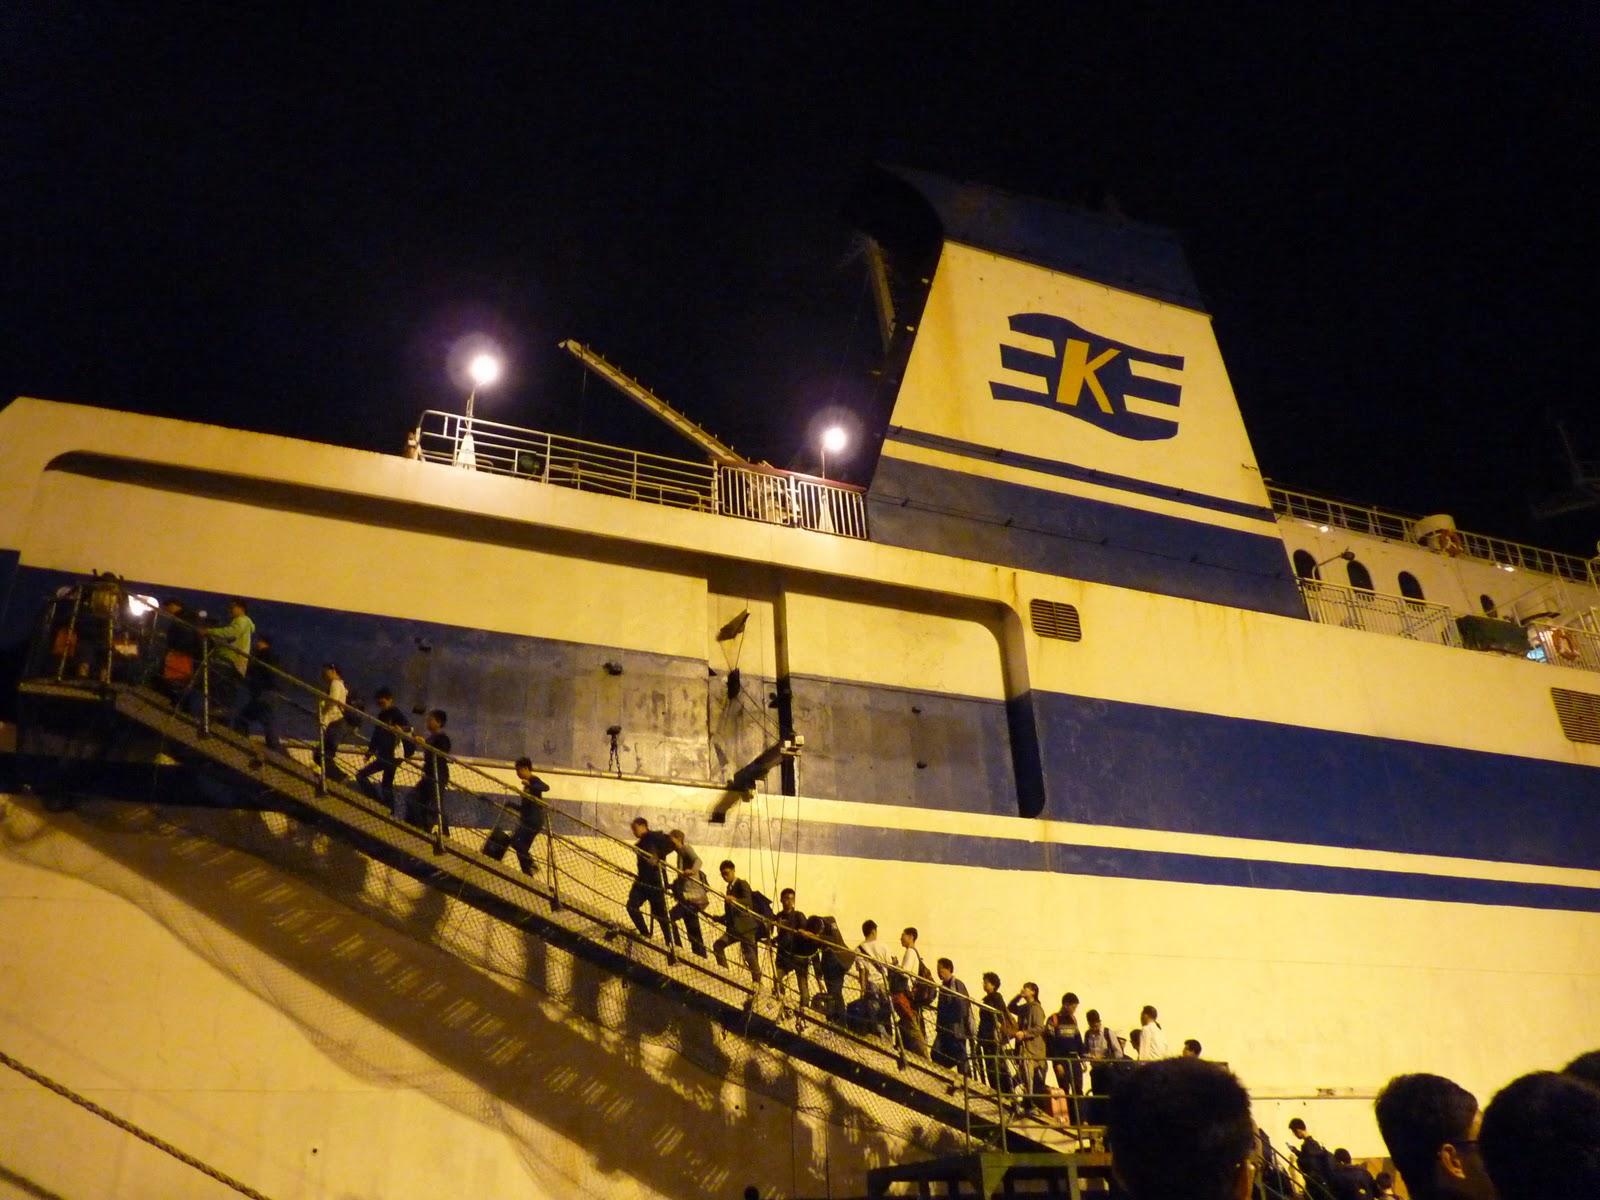 生命影響生命 :): 2011.10.21 從濟州坐夜船到釜山 Overnight ferry from Jeju (제주도)to Busan (부산)